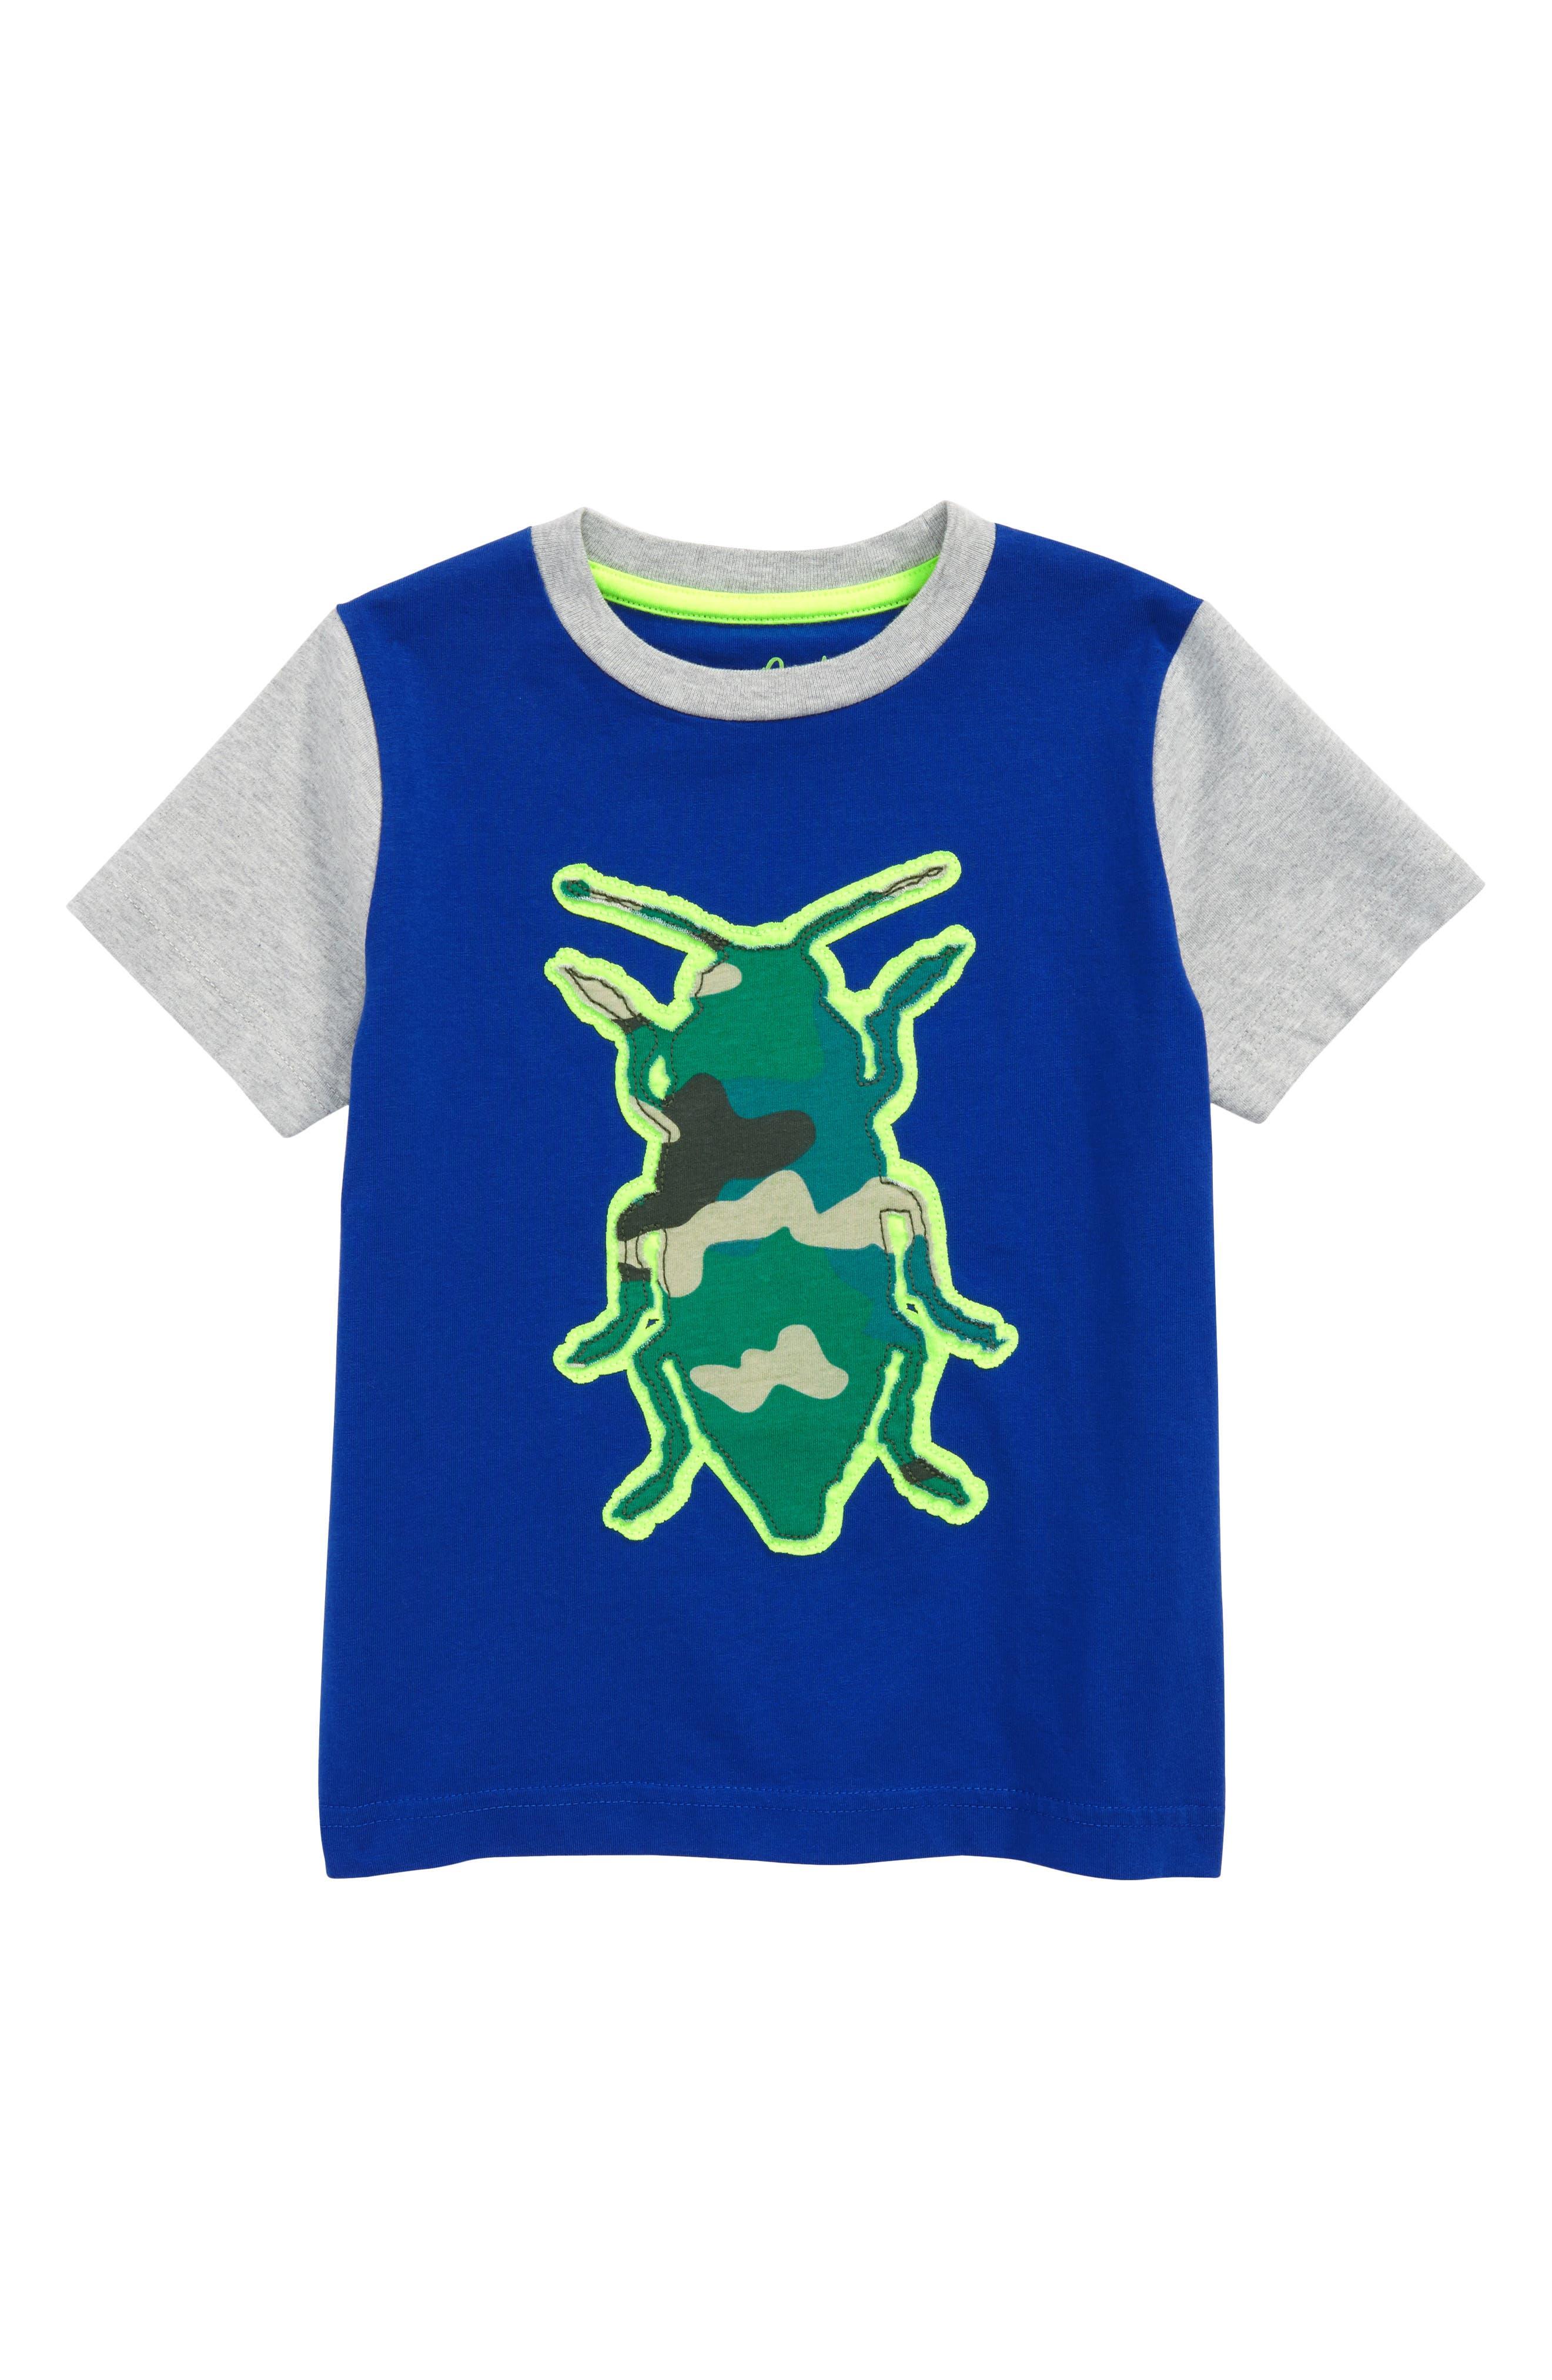 Beetle Patchwork T-Shirt,                         Main,                         color, Orion Blue Beetle